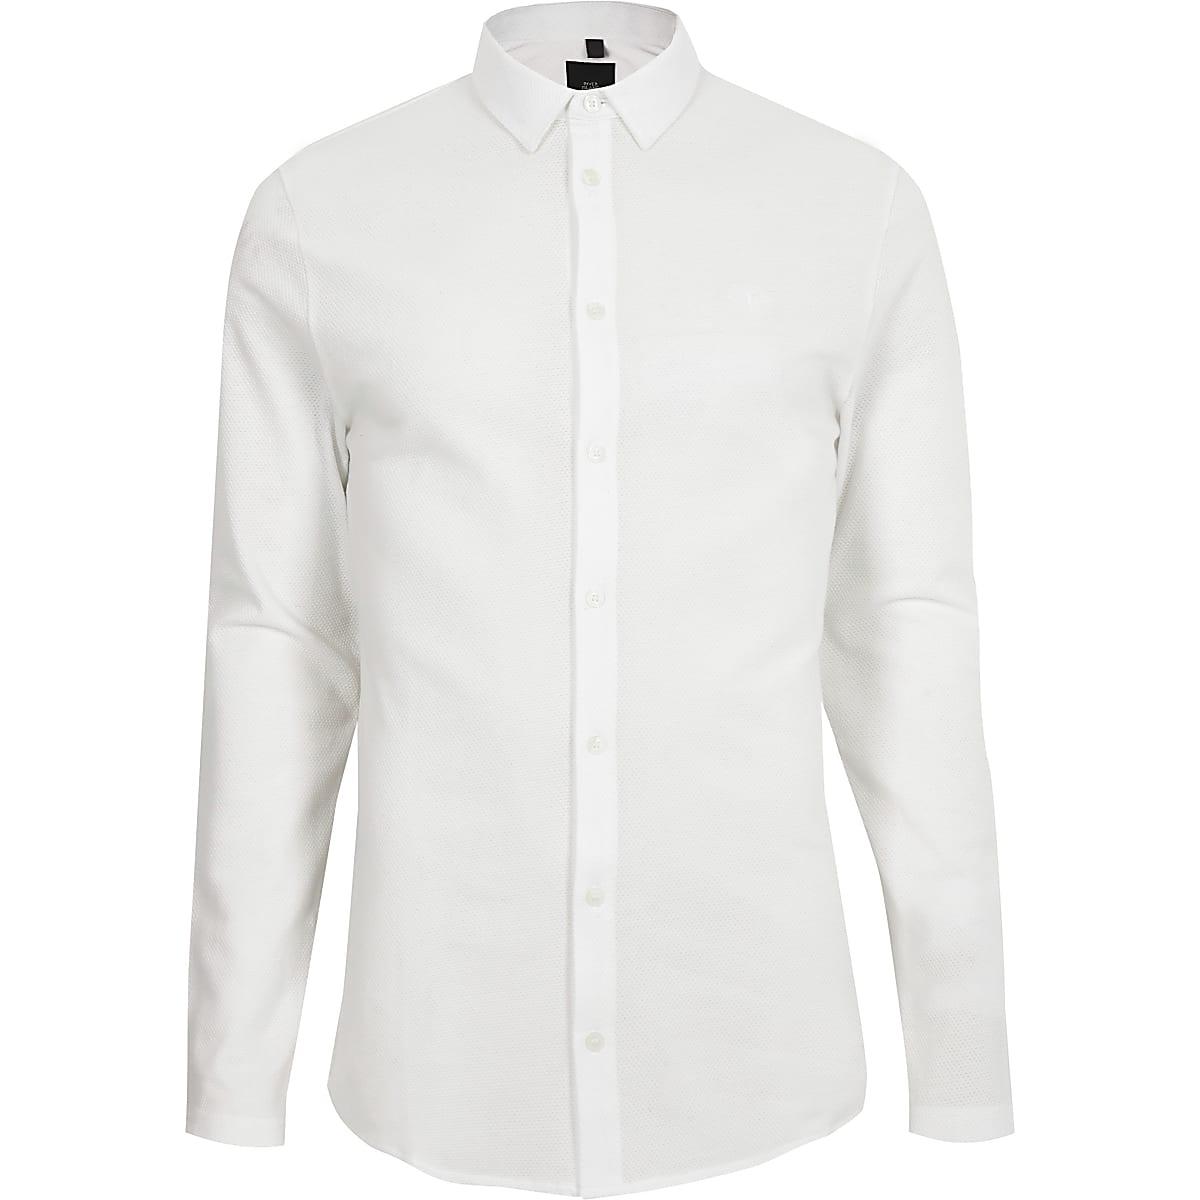 Chemise blanche texturée boutonnée